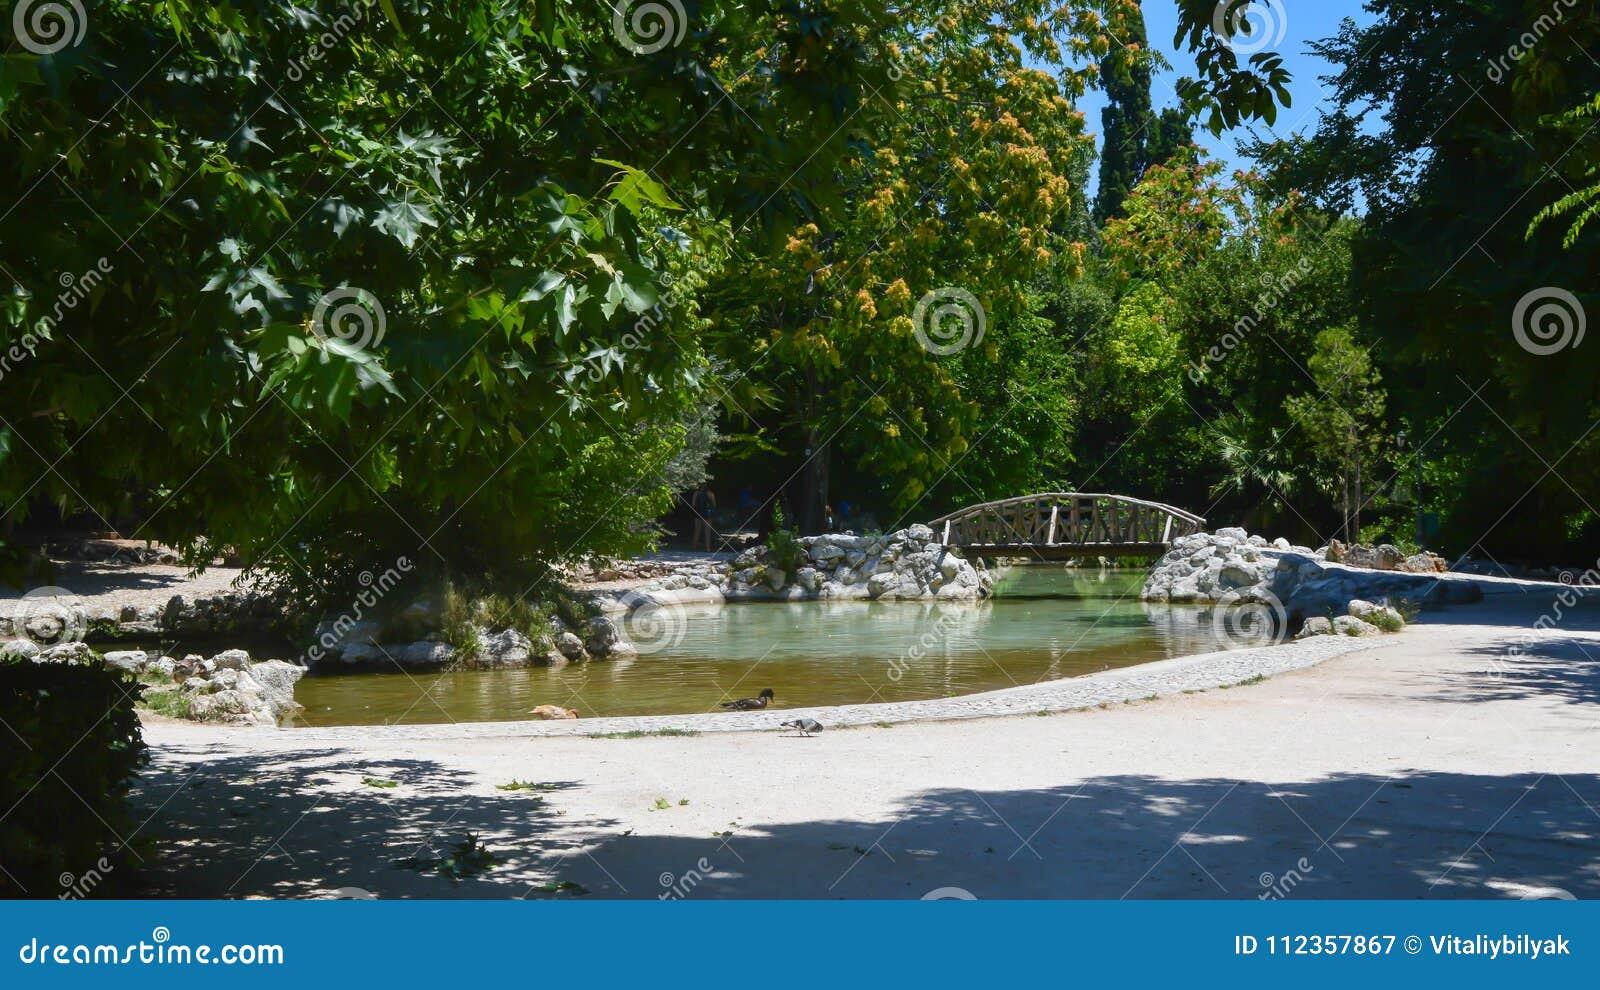 Εθνικός κήπος στην Αθήνα, Ελλάδα στις 23 Ιουνίου 2017